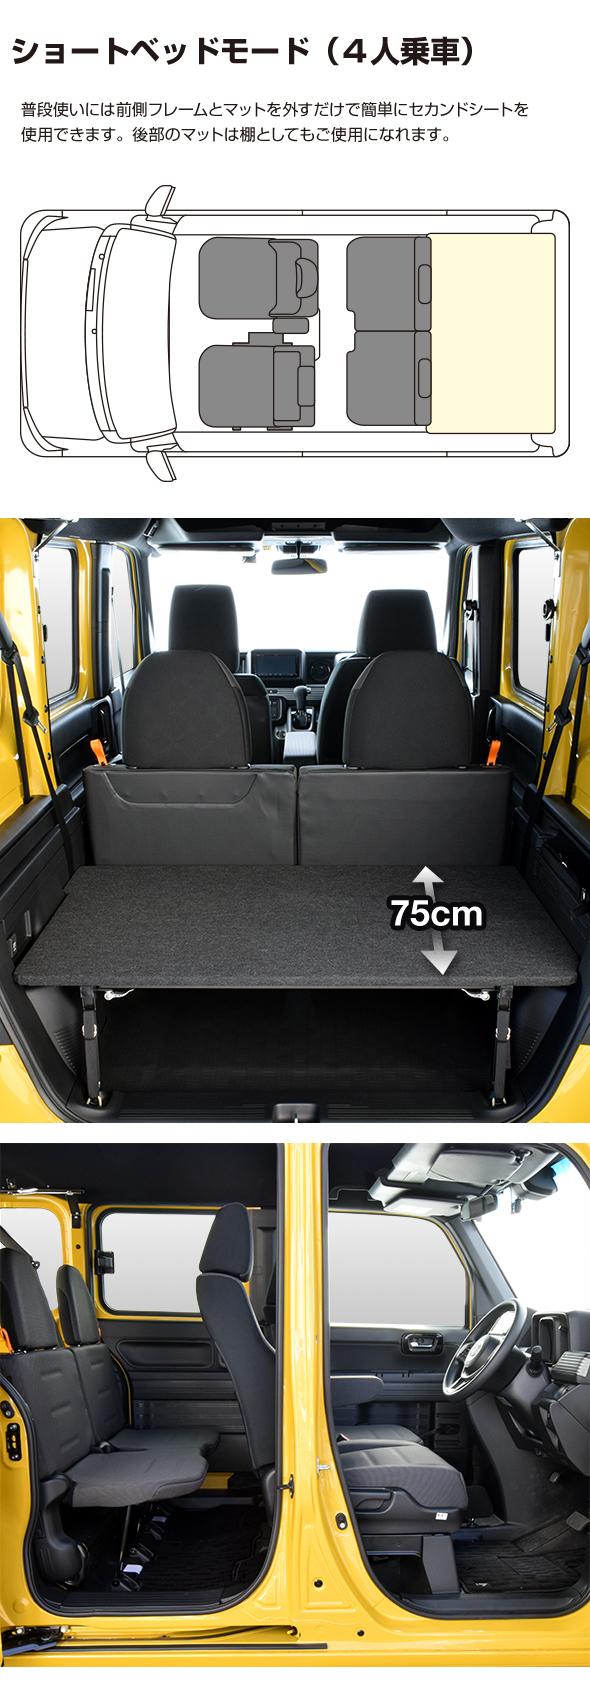 N-VAN +STYLE FUN +STYLE COOL Honda ホンダ エヌバン BEDKIT(ベッドキット)ショートベッドモード仕様